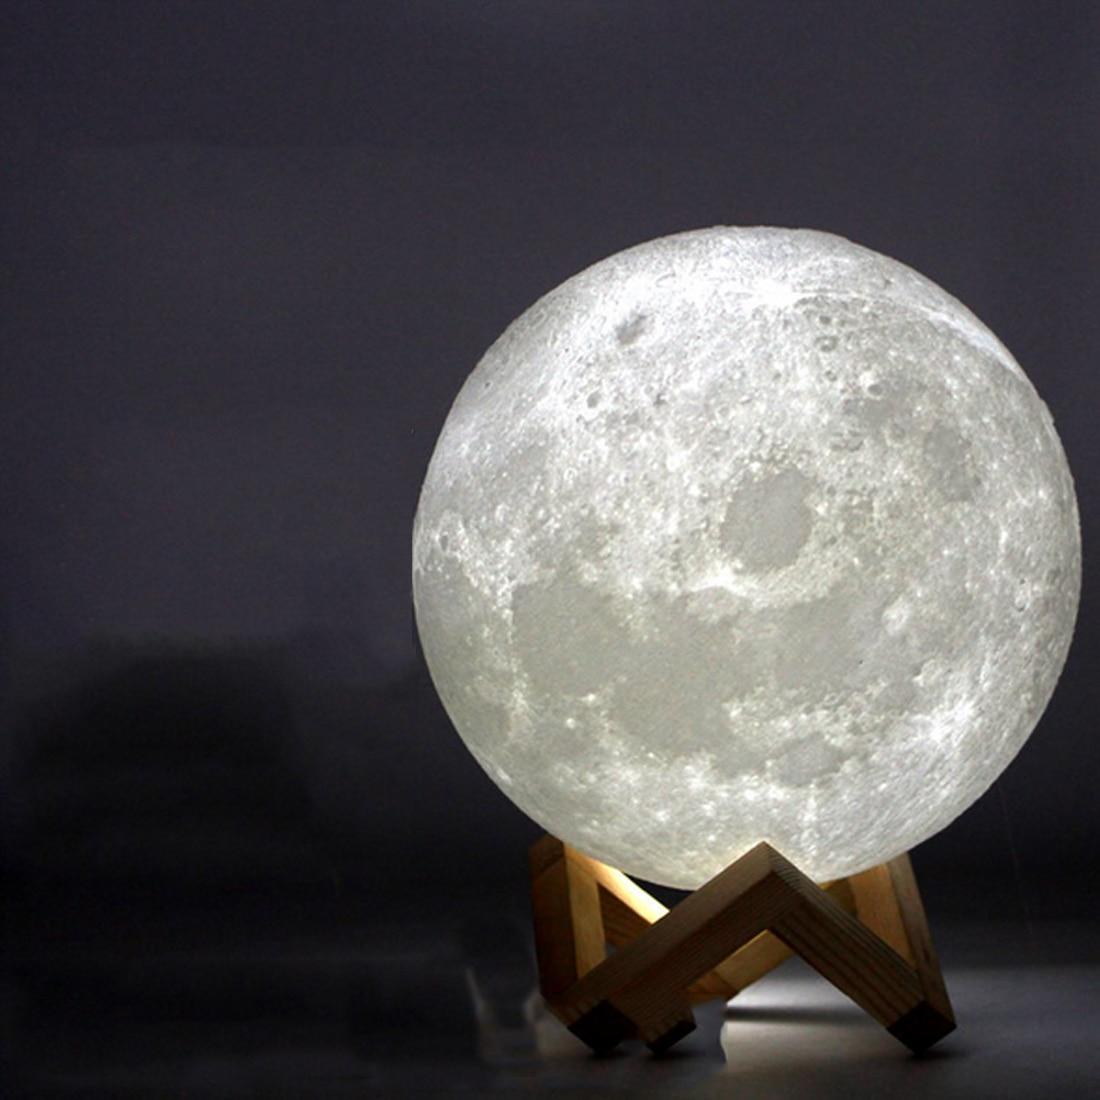 Impressão Lua Lâmpada recarregável 3D 2 Cor Mudar Interruptor de Toque Quarto Estante Luz Da Noite Decoração de Casa Criativa Presente 8 cm -20 cm